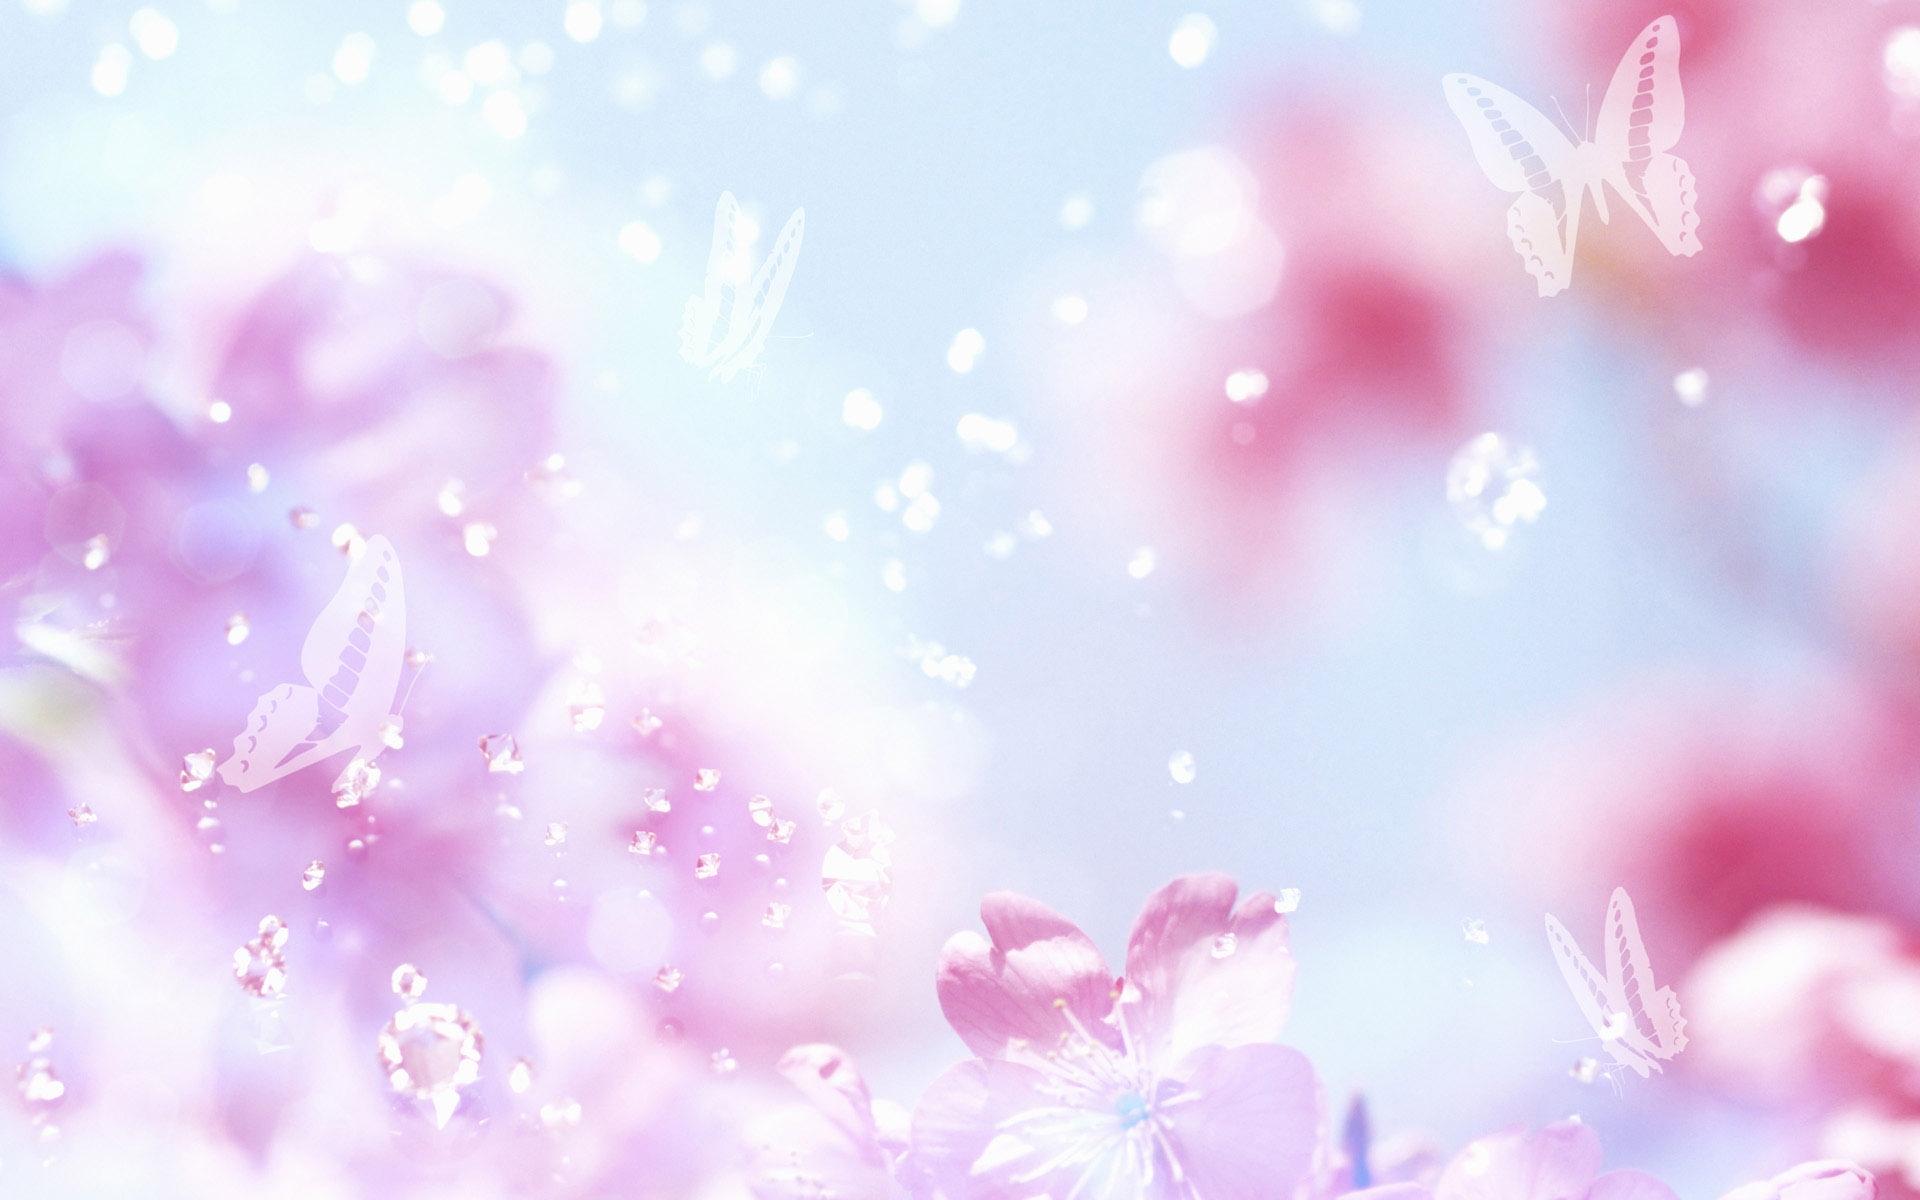 Free Pretty Backgrounds; Free Pretty Backgrounds; Pretty